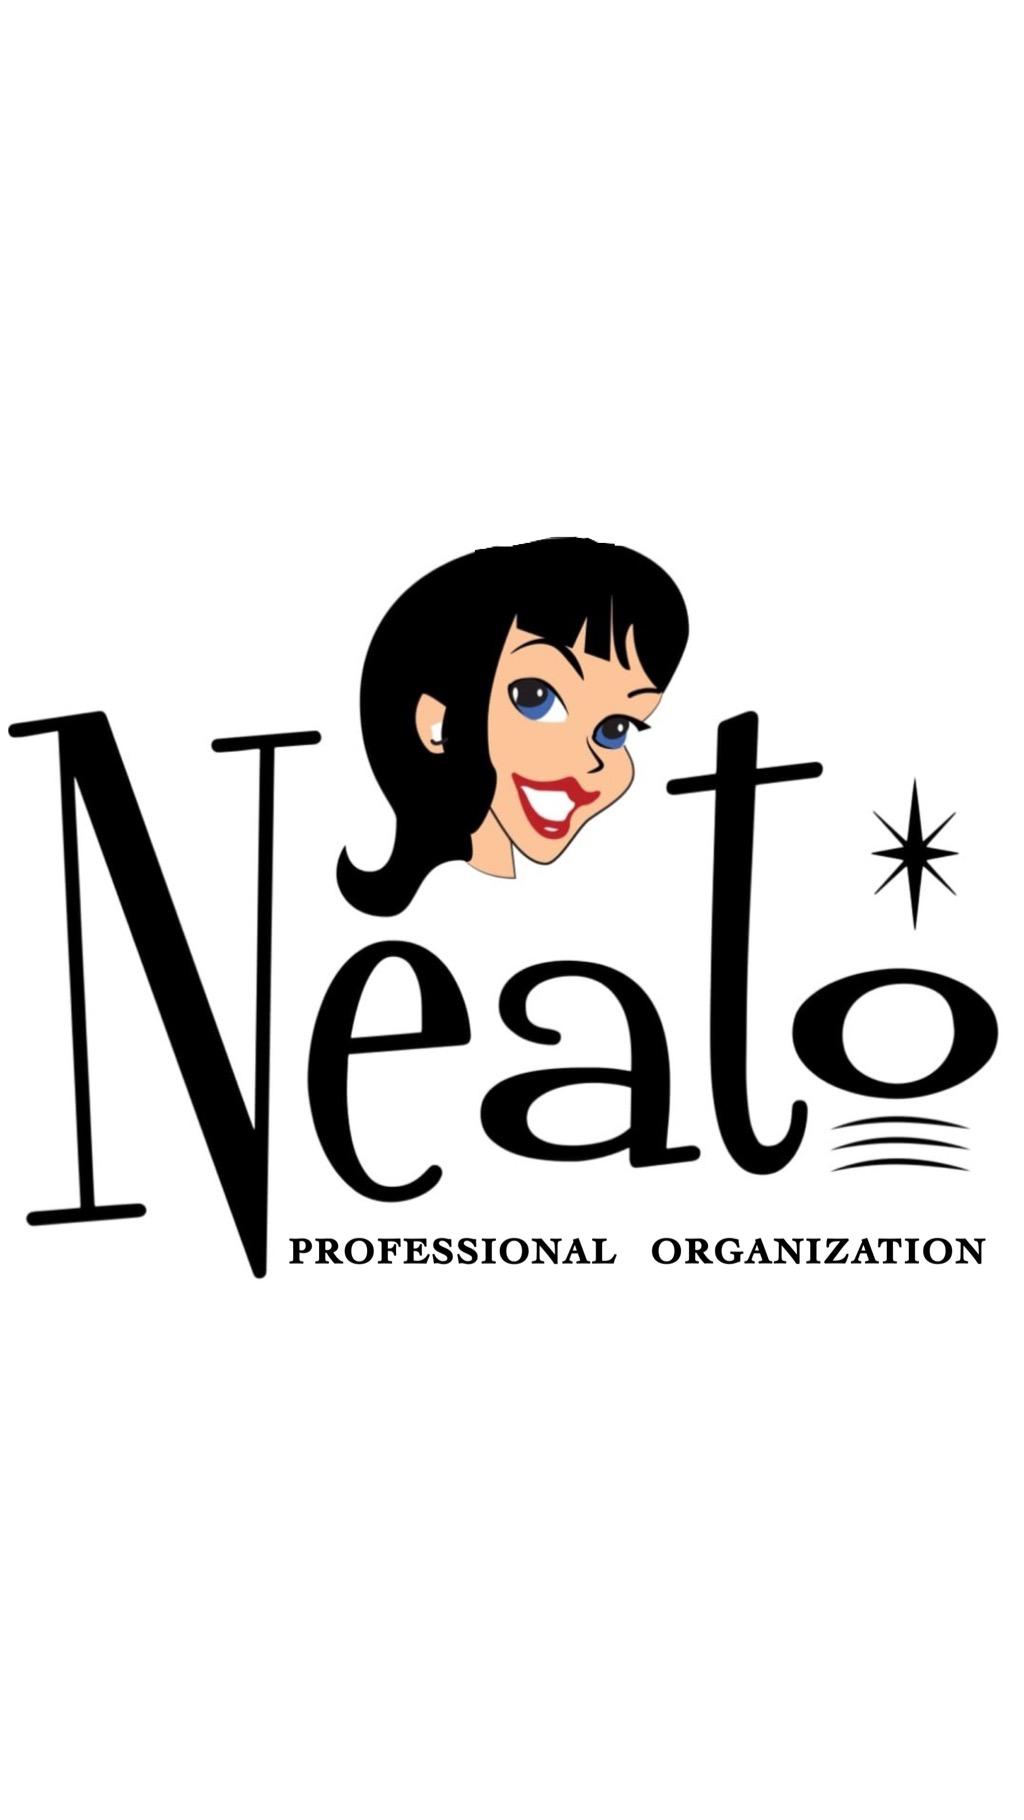 Neato Organization